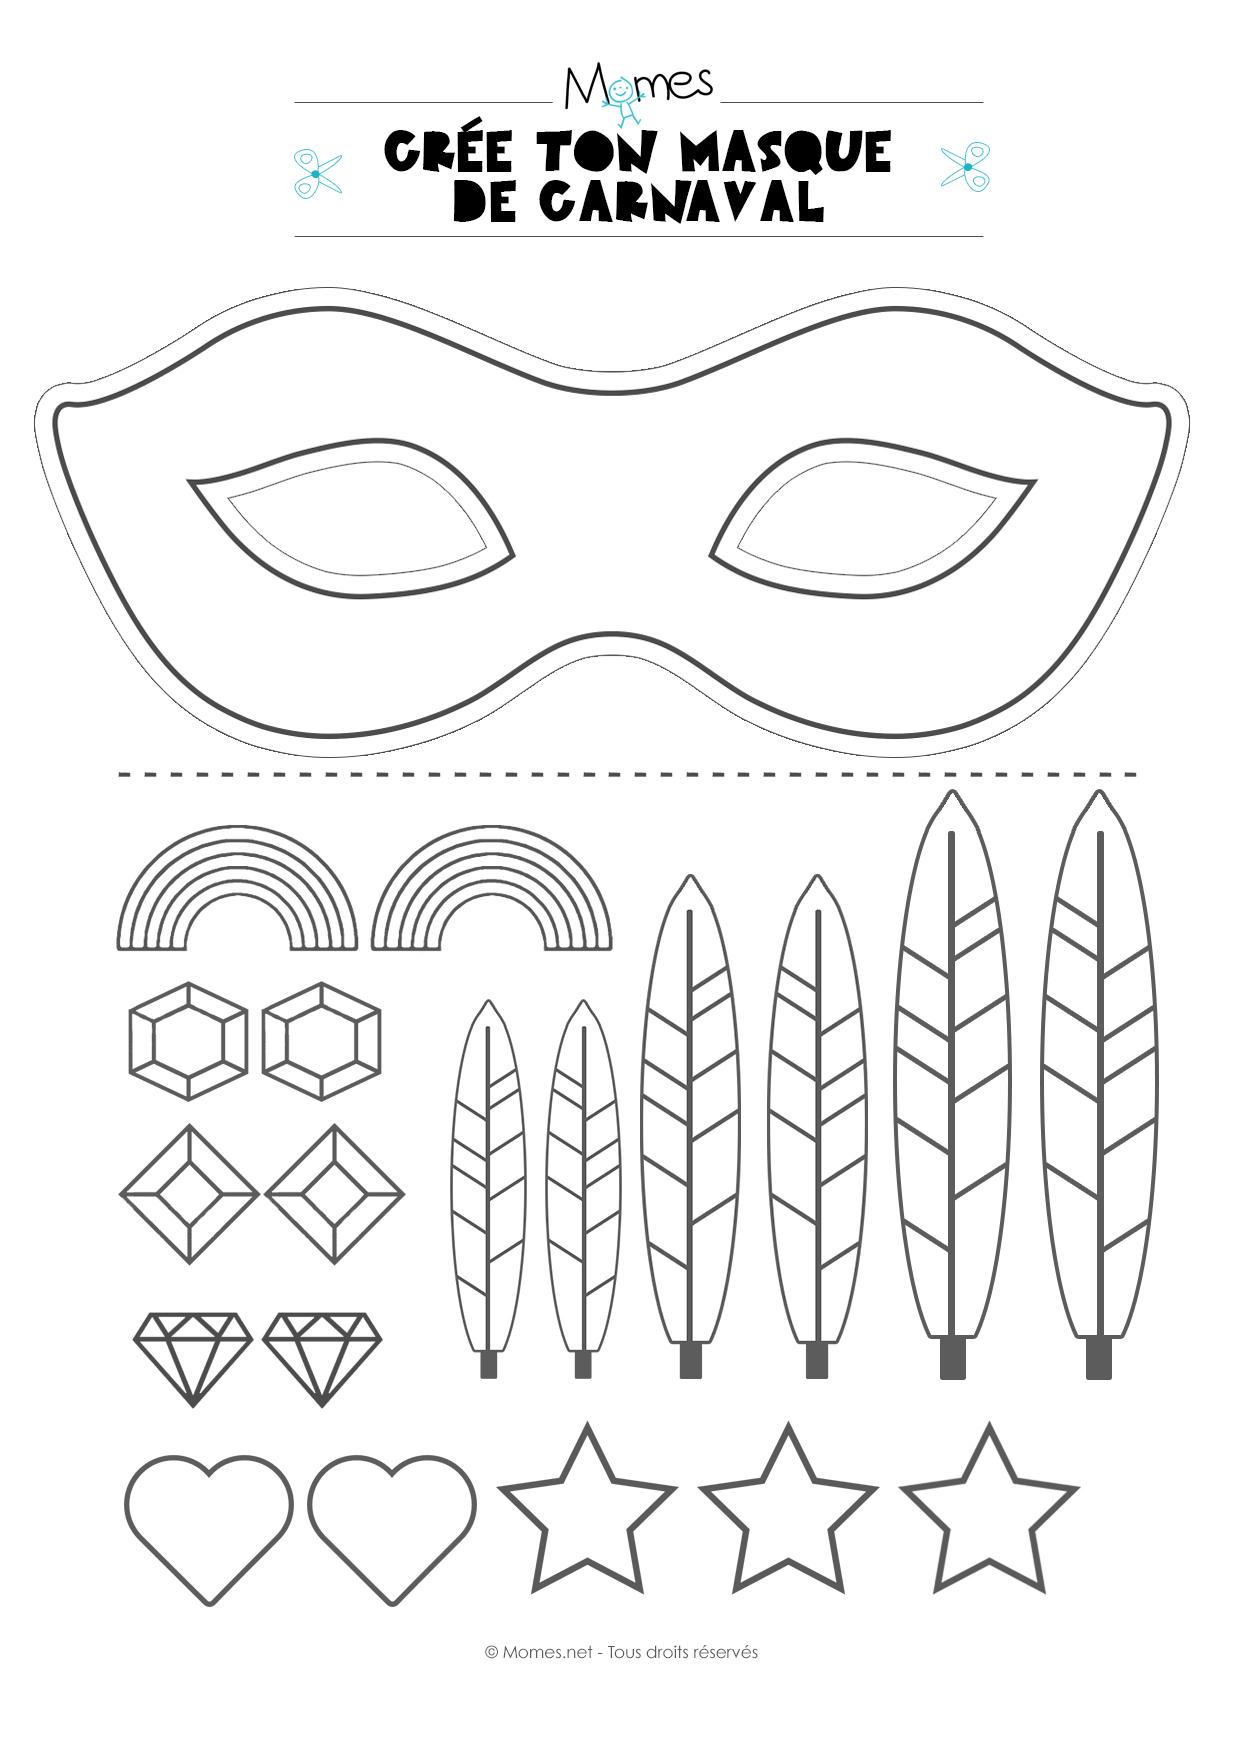 Kit Pour Faire Un Masque De Carnaval - Momes pour Modele Masque De Carnaval A Imprimer